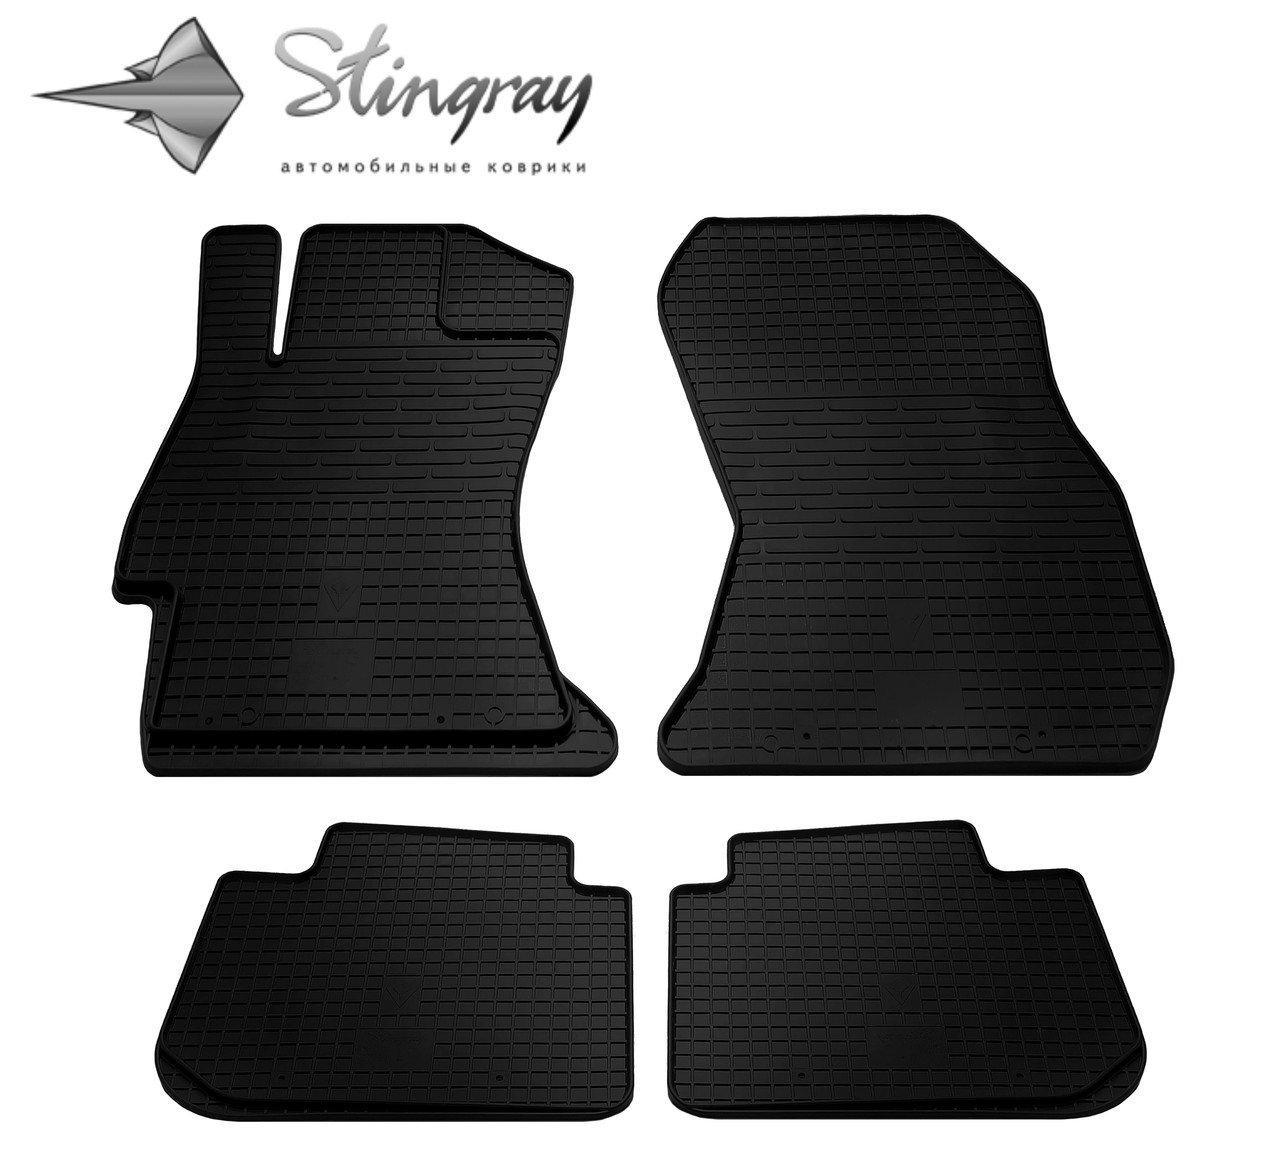 Коврики в салон Subaru Legacy V (BM / BR) 2006-2012 Stingray